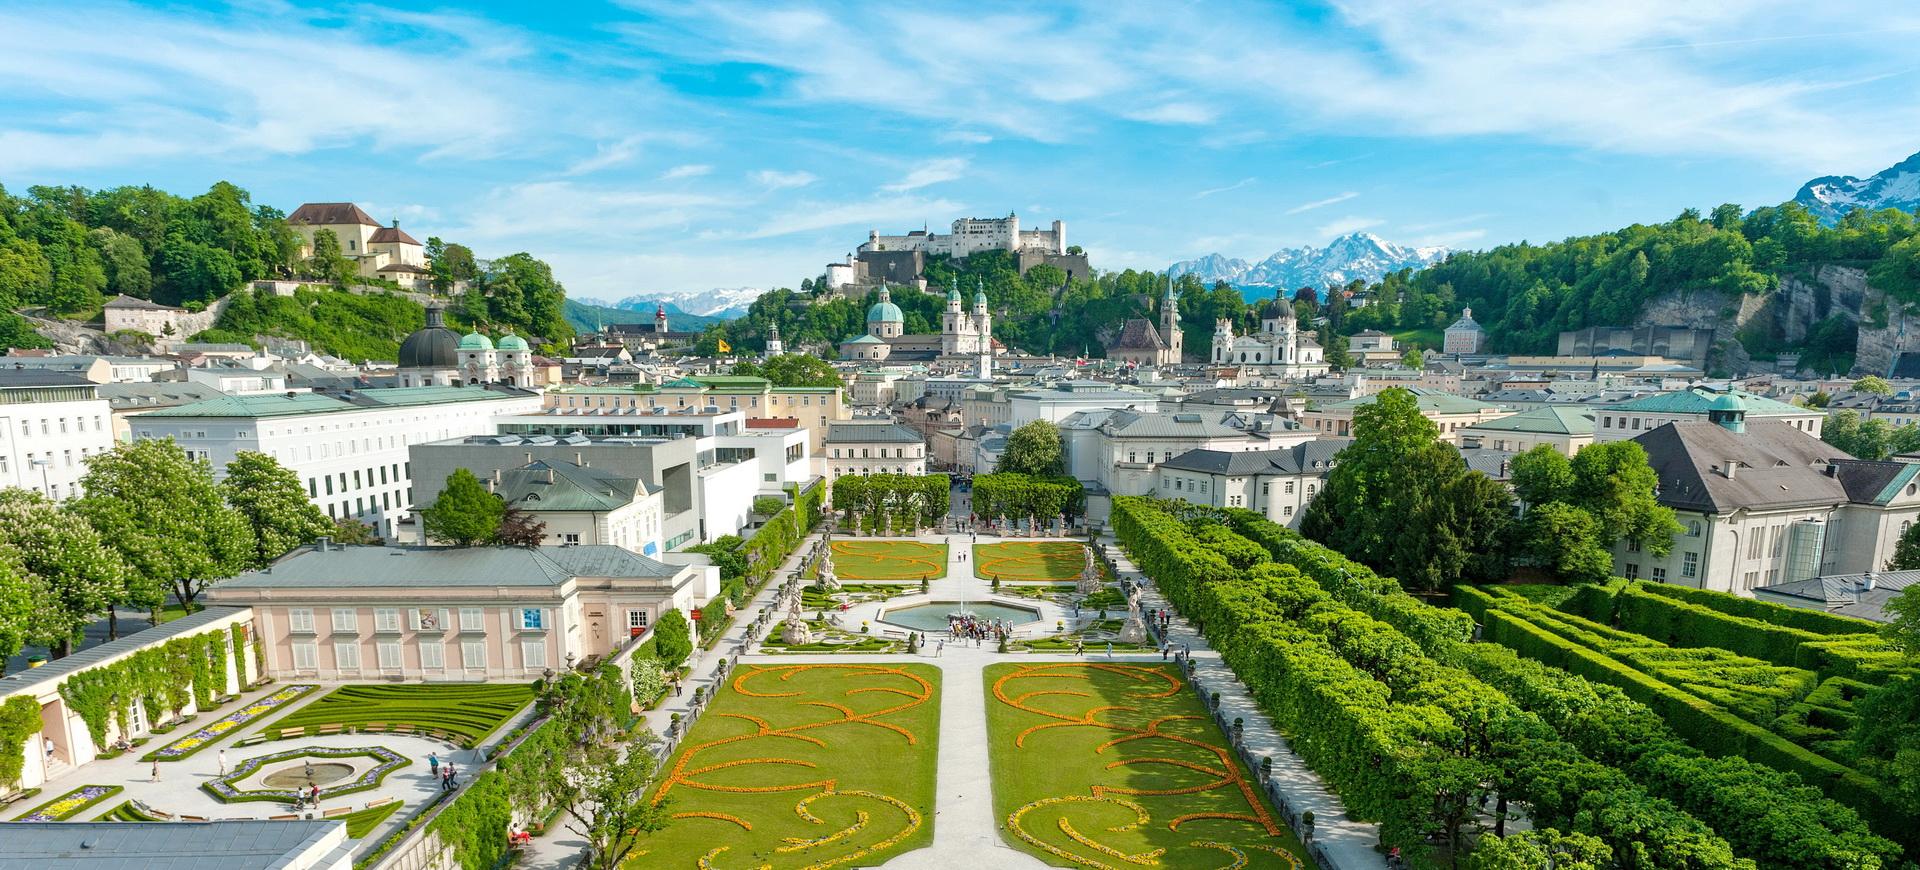 Autriche Salzbourg depuis les jardins Mirabell jusqu'à la forteresse de Hohensalzburg par Guenter Breitegger